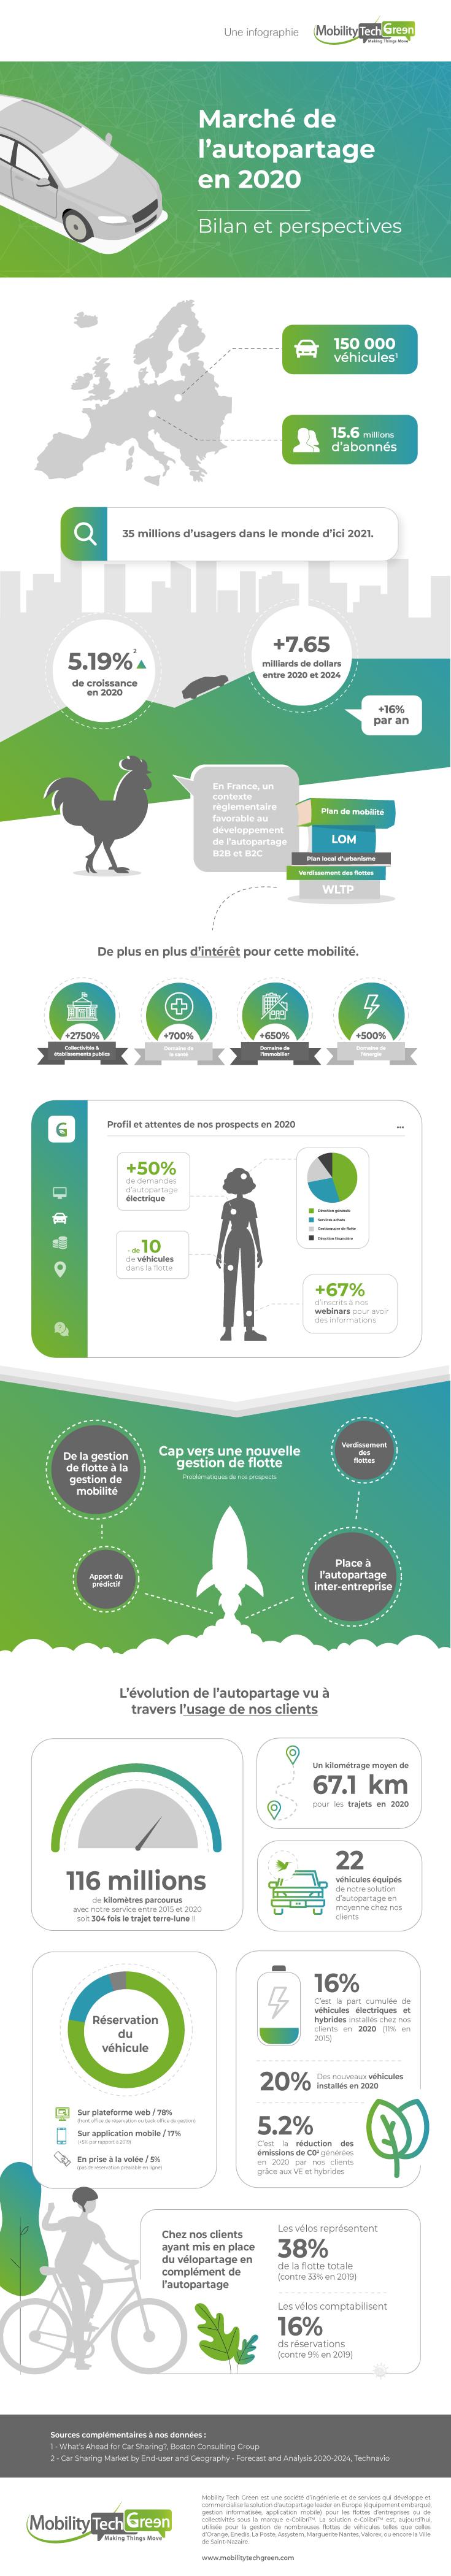 Baromètre de la mobilité 2020 - Mobility Tech Green